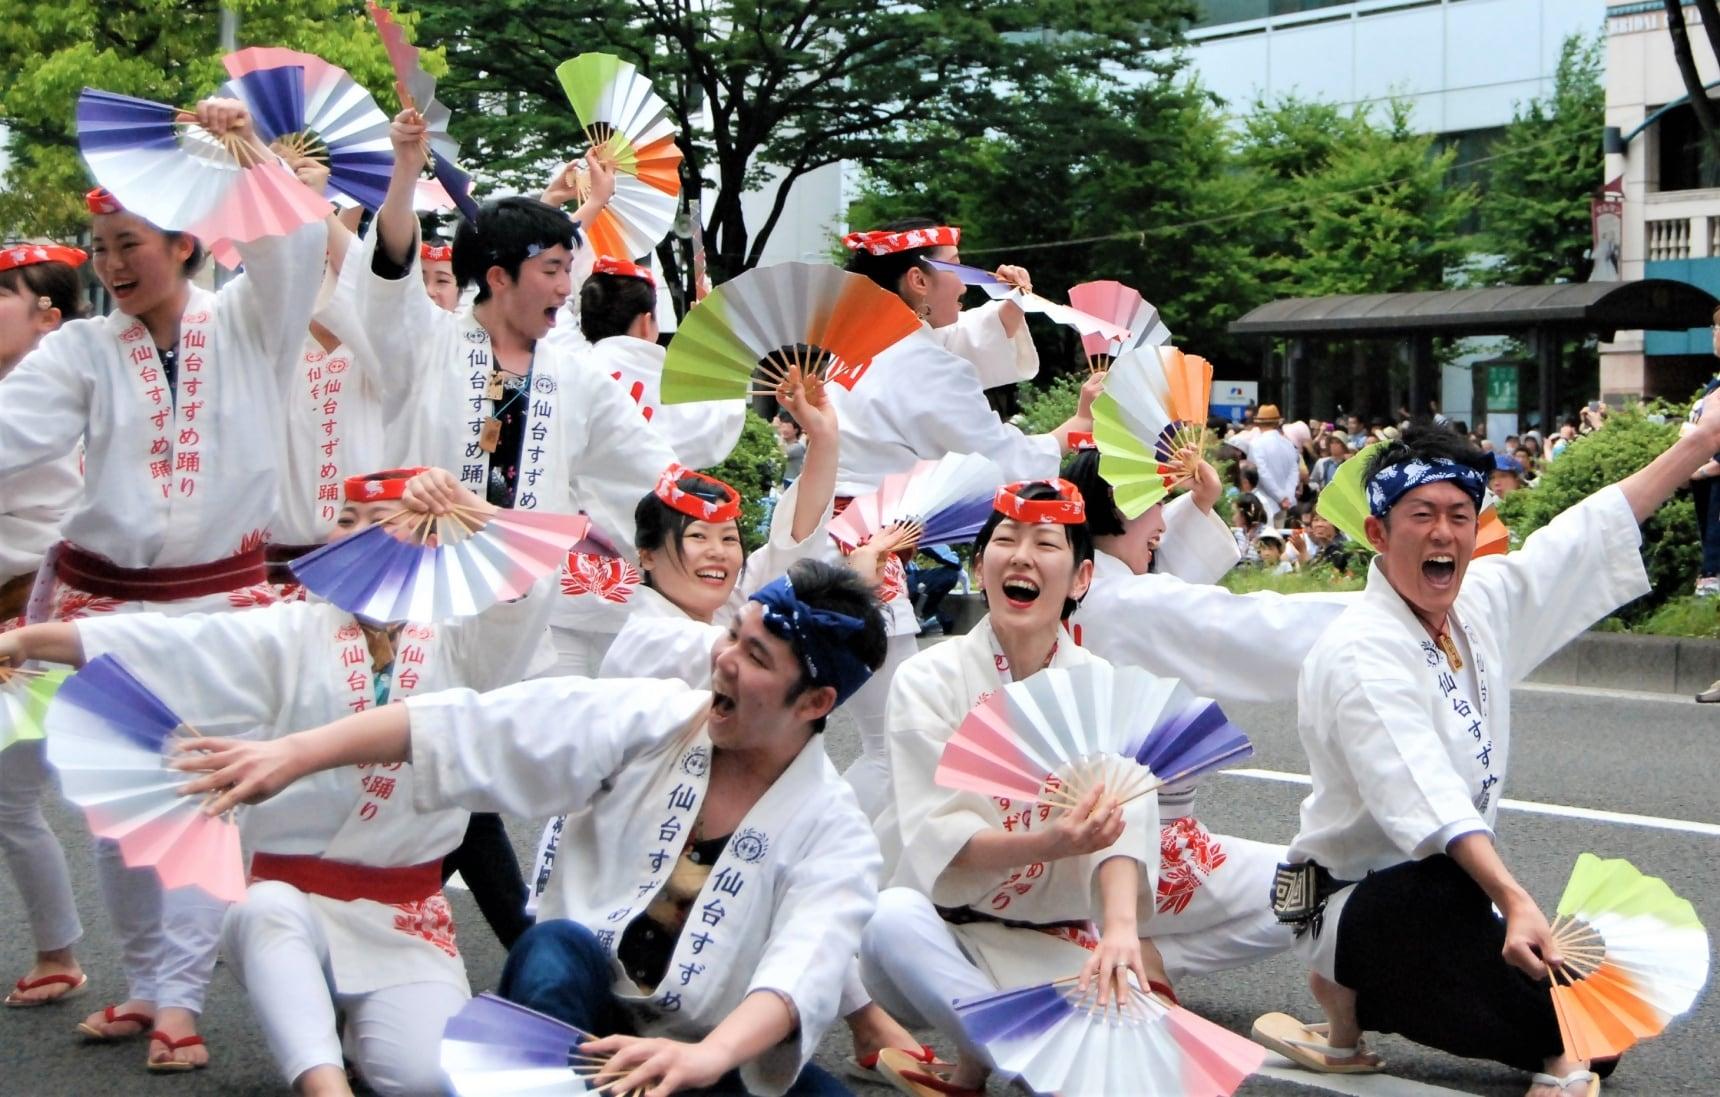 夏日祭|东北地方那些充满羁绊的浓情民间庆典